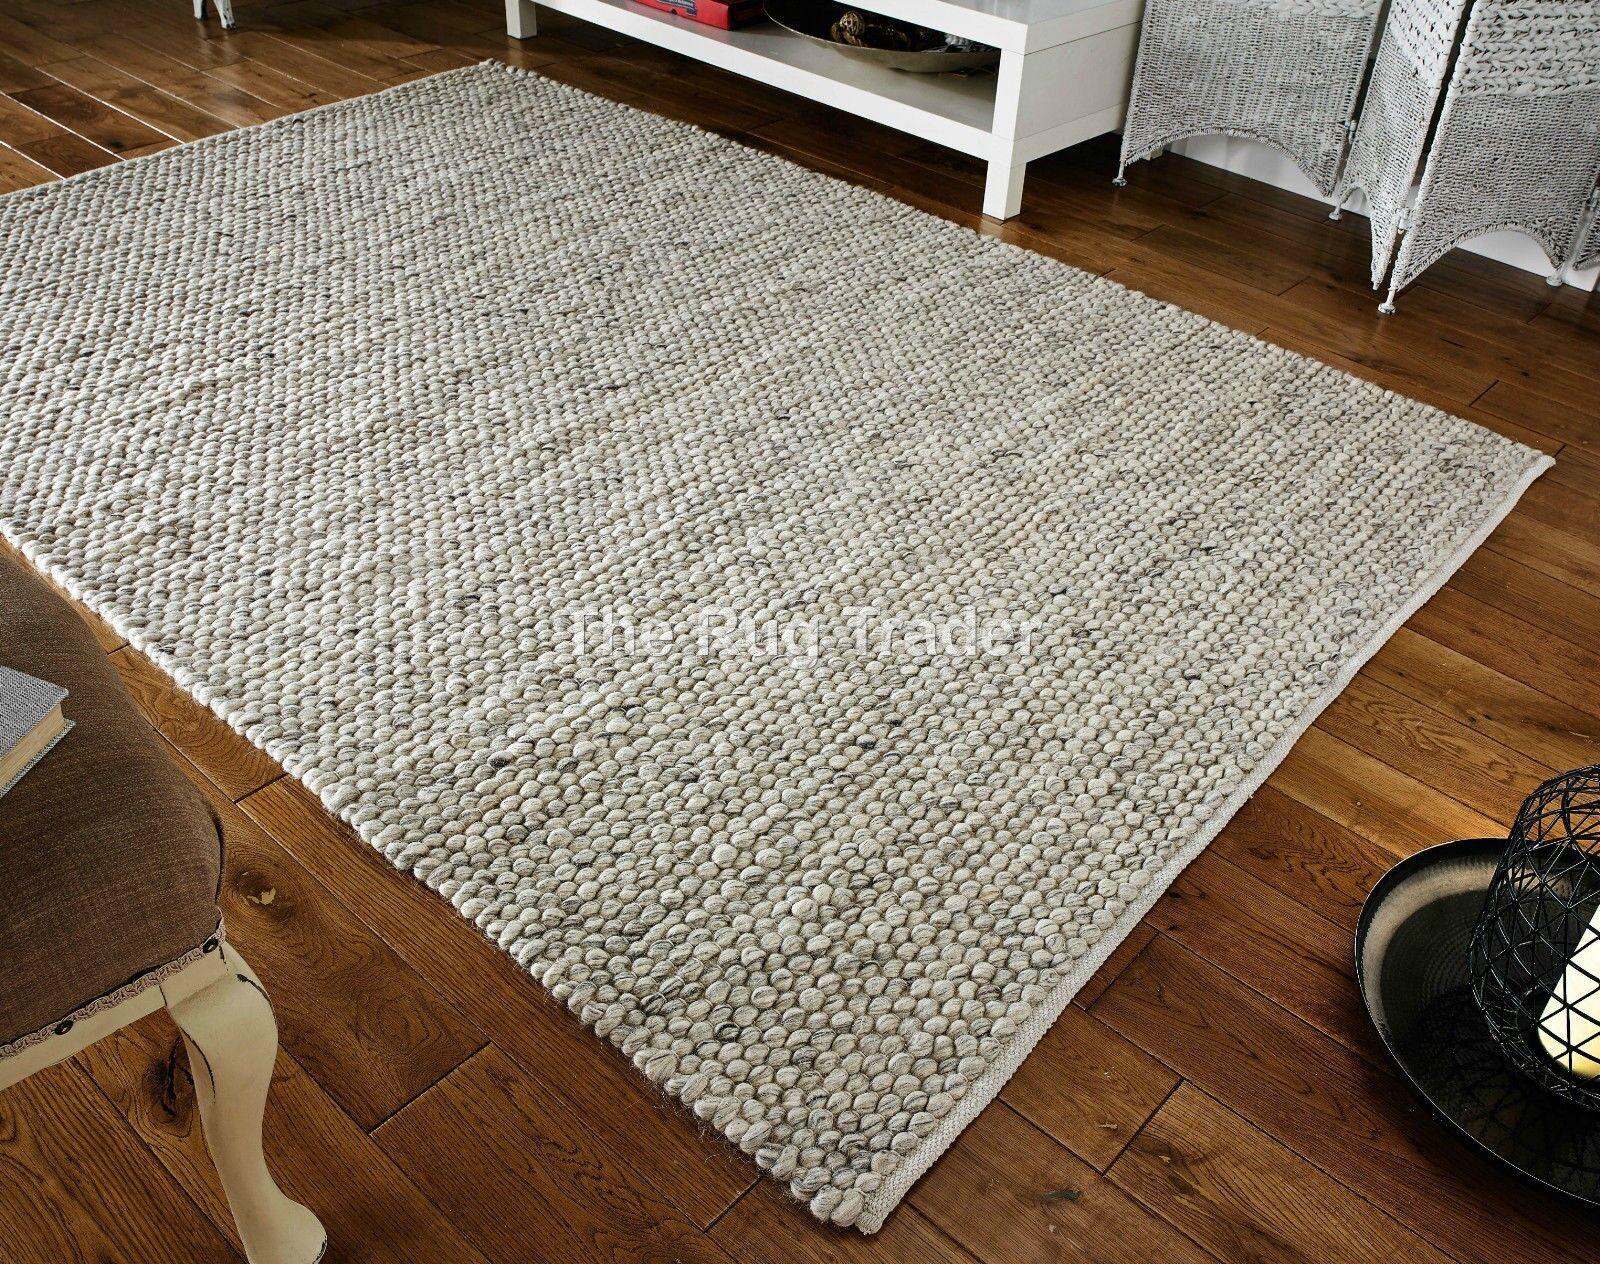 Savannah gris COLORÉ MAIN LAINE GROS laine laine laine Tapis en tailles variées | Approvisionnement Suffisant Et Une Livraison Rapide  064d33